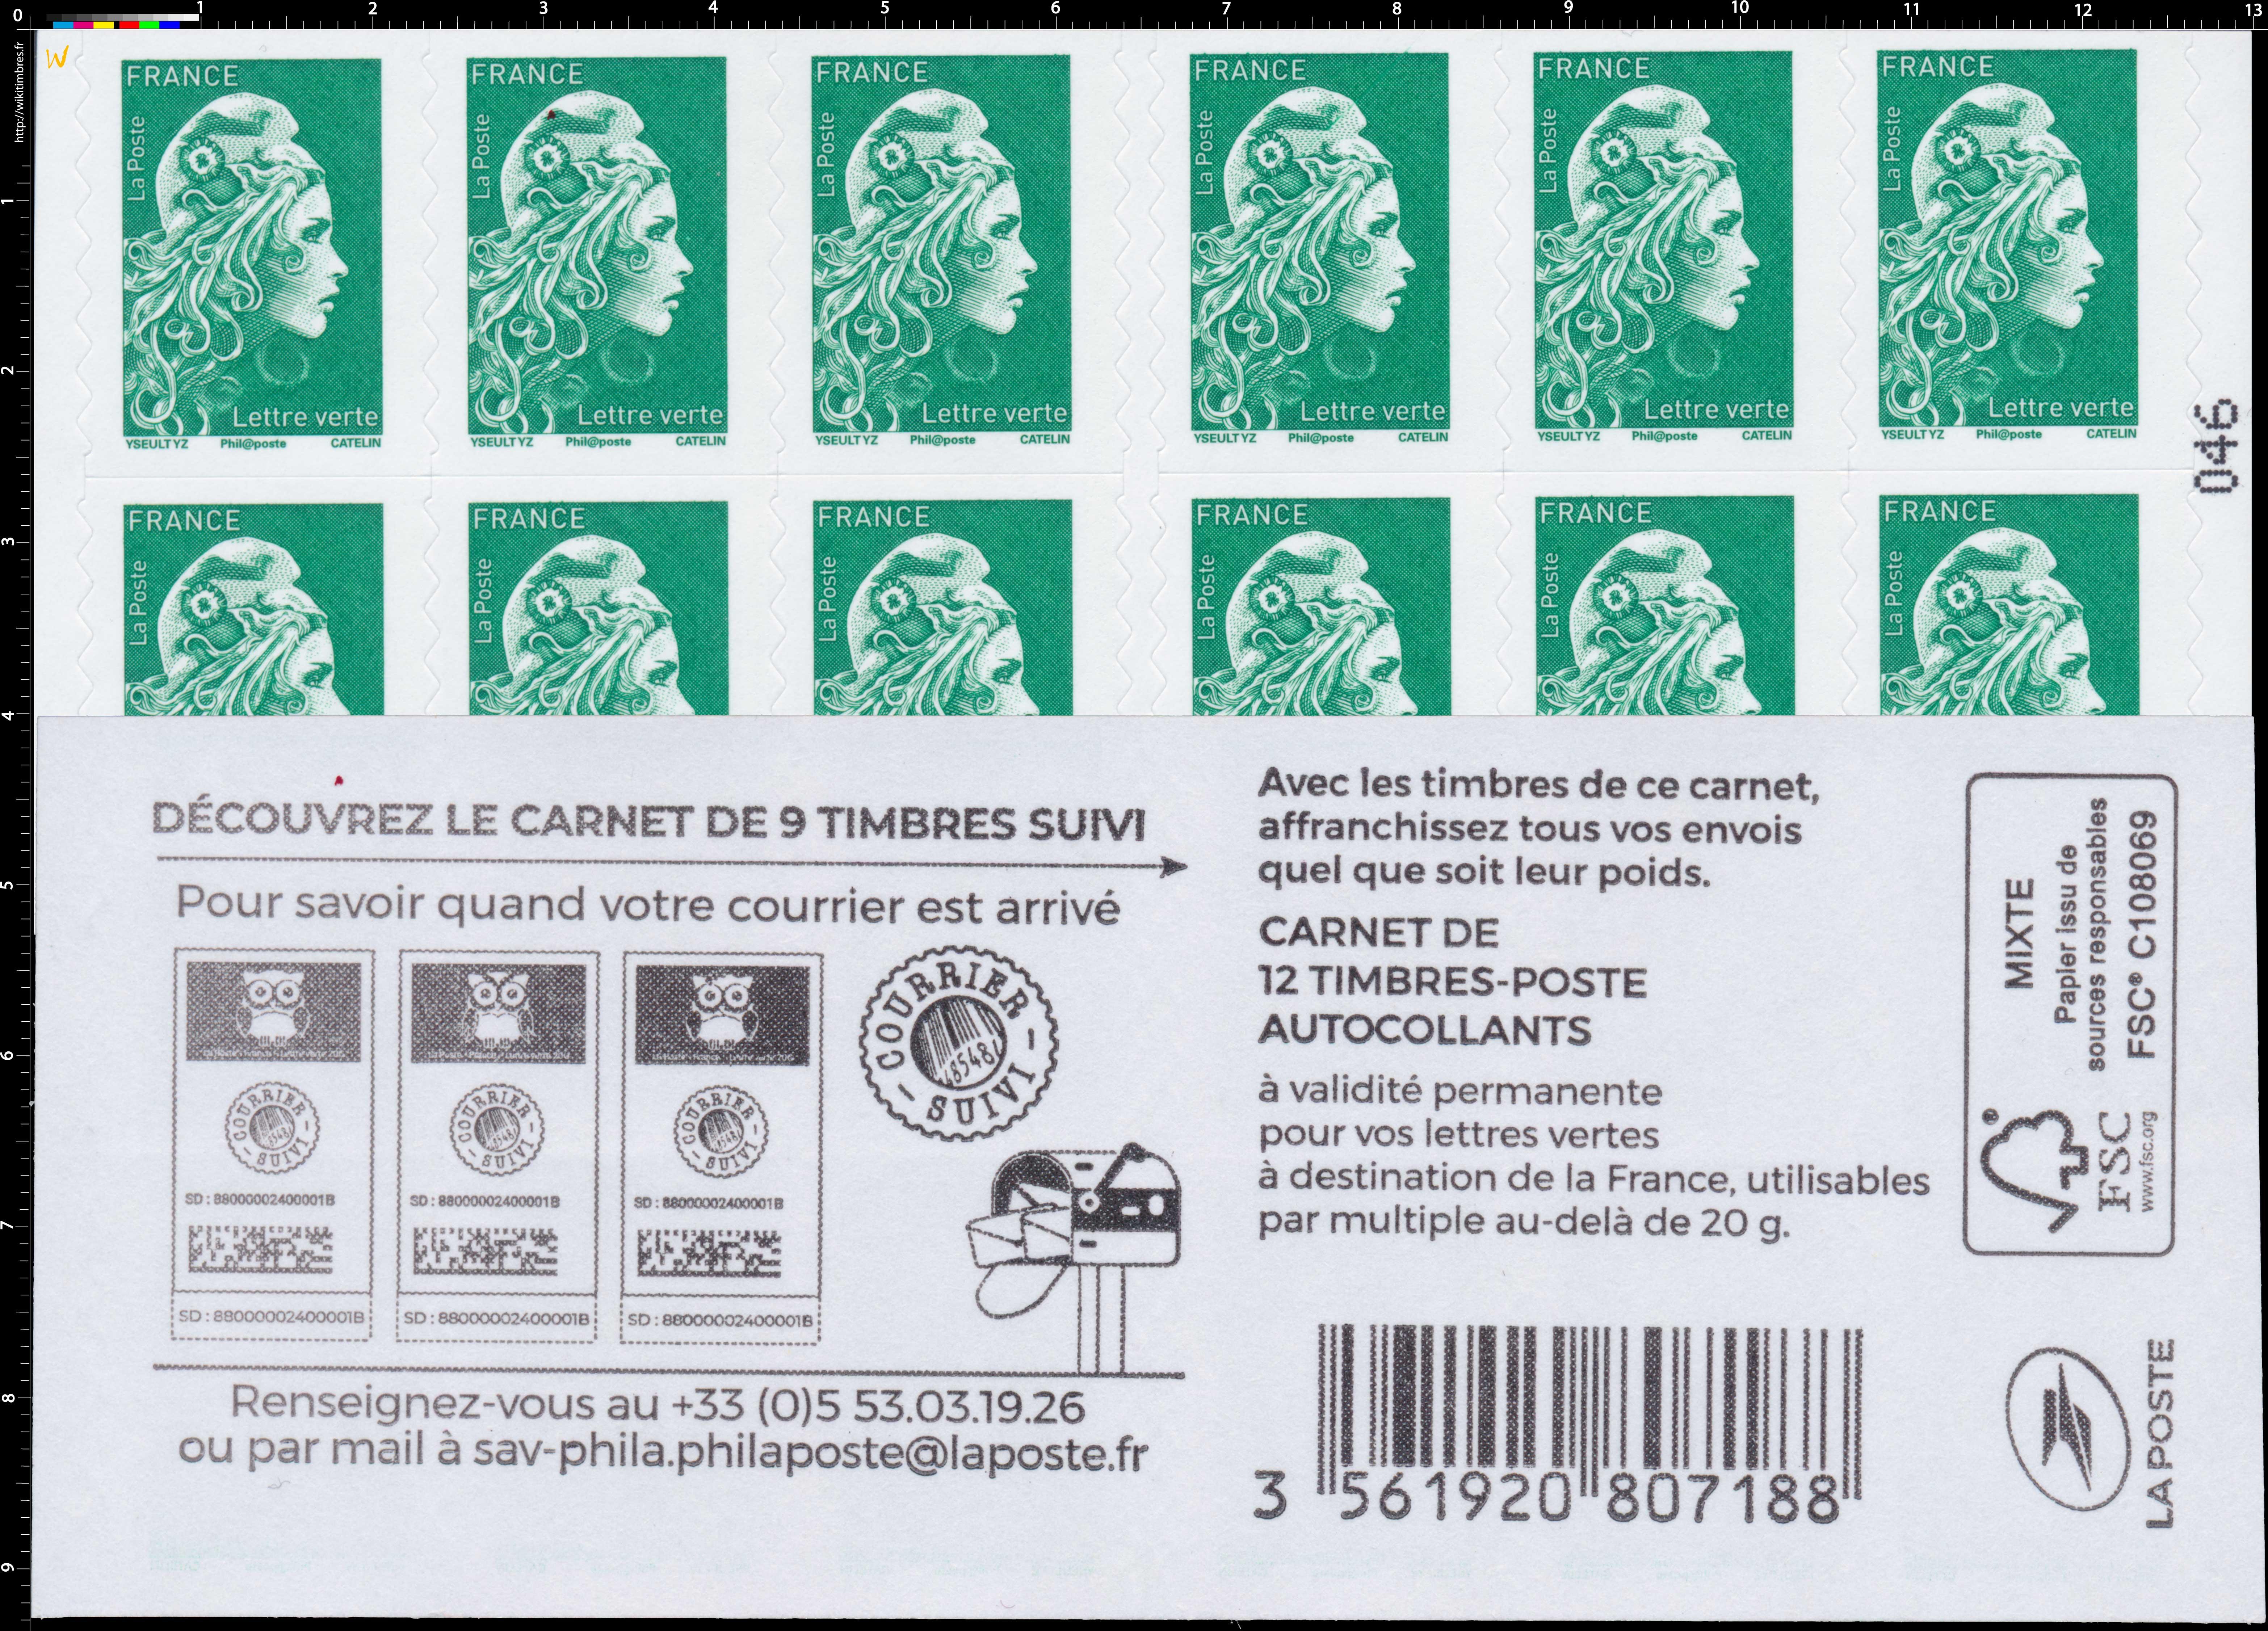 2020 Découvrez le carnet de 9 timbres suivi